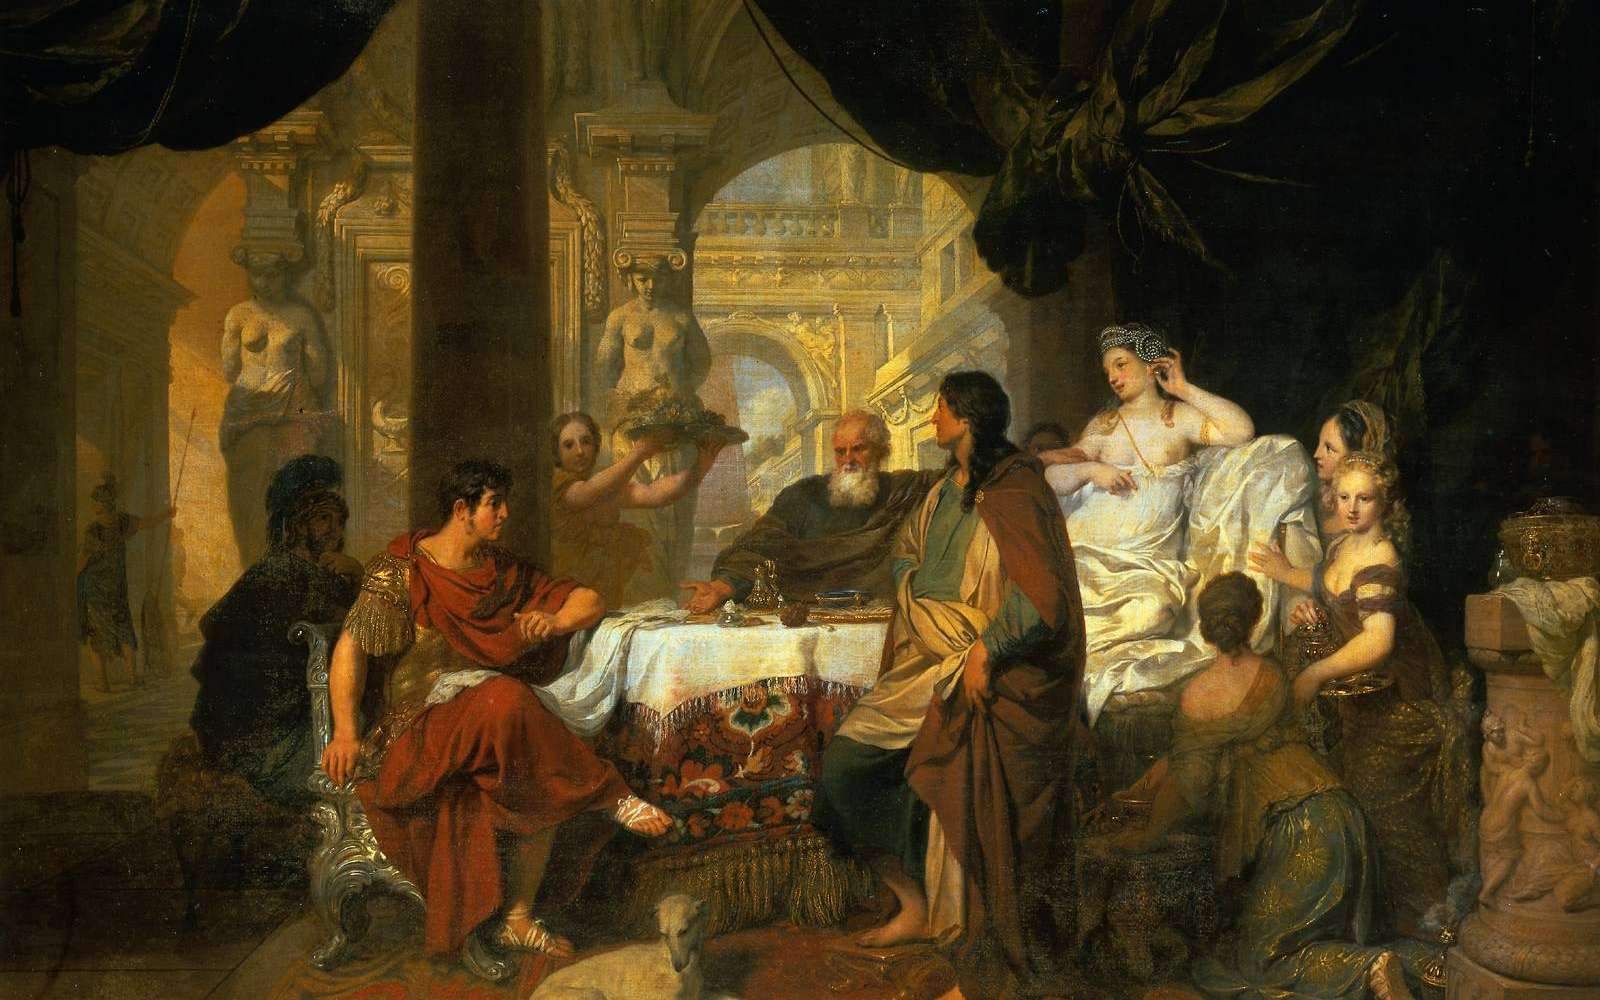 Cléopâtre et Marc Antoine lors d'un banquet. Tableau intitulé Le Banquet de Cléopâtre et réalisé par Gérard de Lairesse (1640-1711). © Gérard de Lairesse, Wikimedia Commons, DP